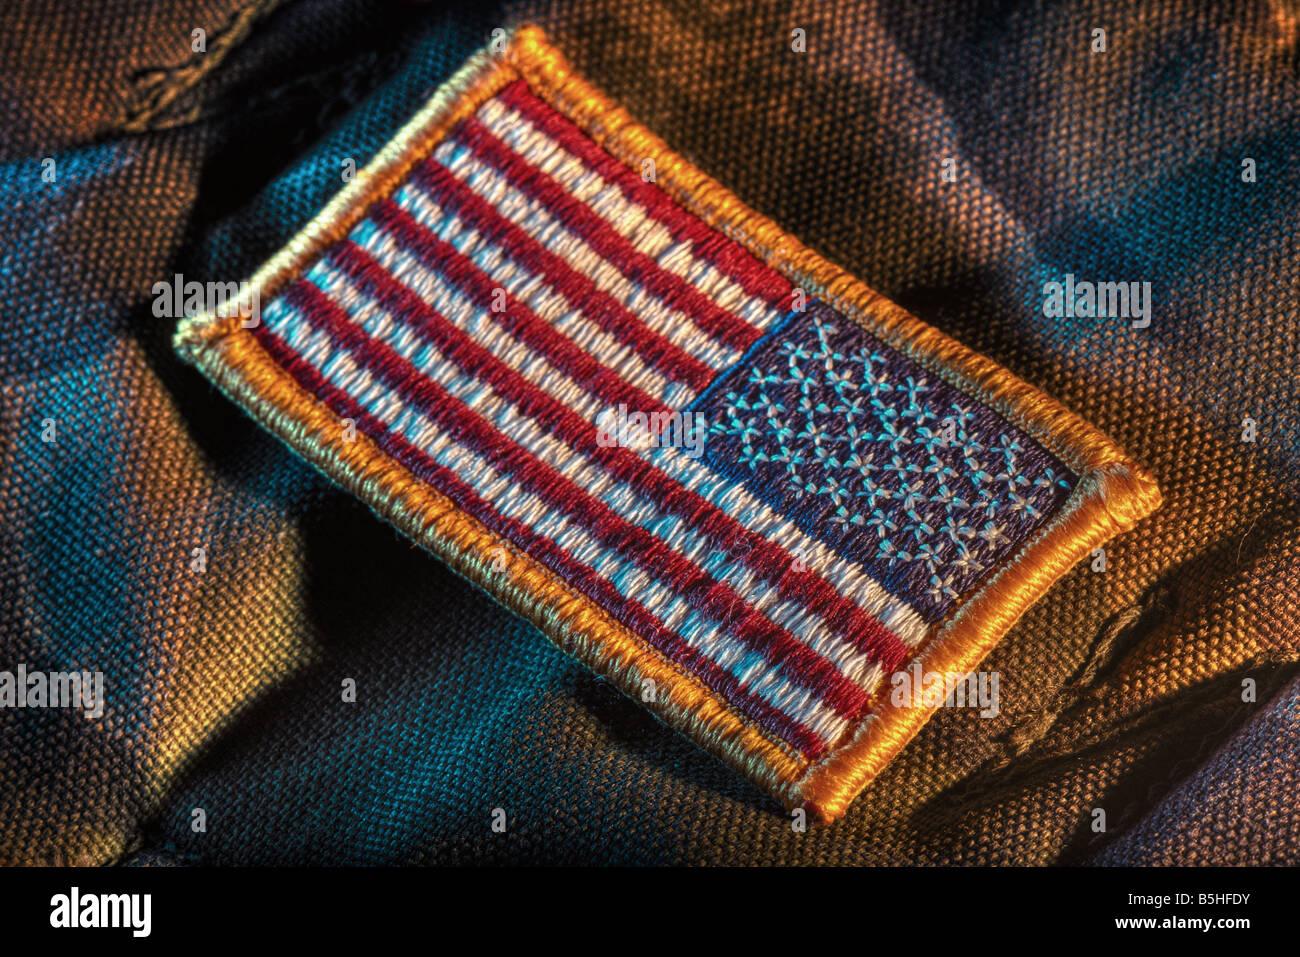 Nous amovible sur patch drapeau tissu camouflage militaire. Drapeau en miroir est pour l'épaule droite. Photo Stock